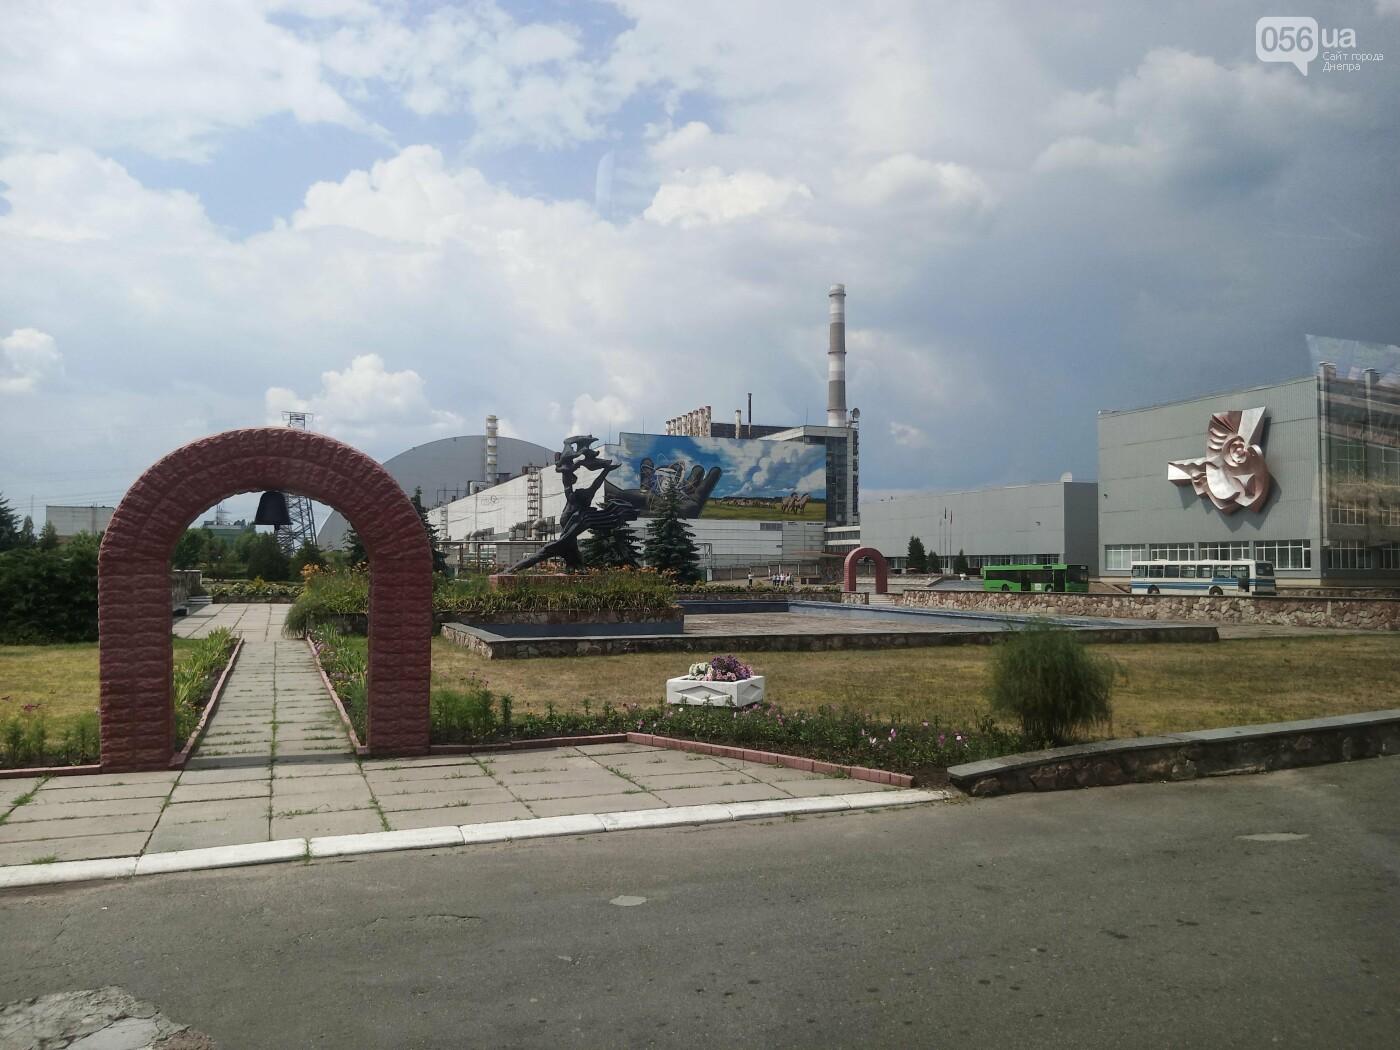 Минус пара кед и брюк: путешествие одного днепрянина в Чернобыль, - ФОТО, ВИДЕО, фото-30